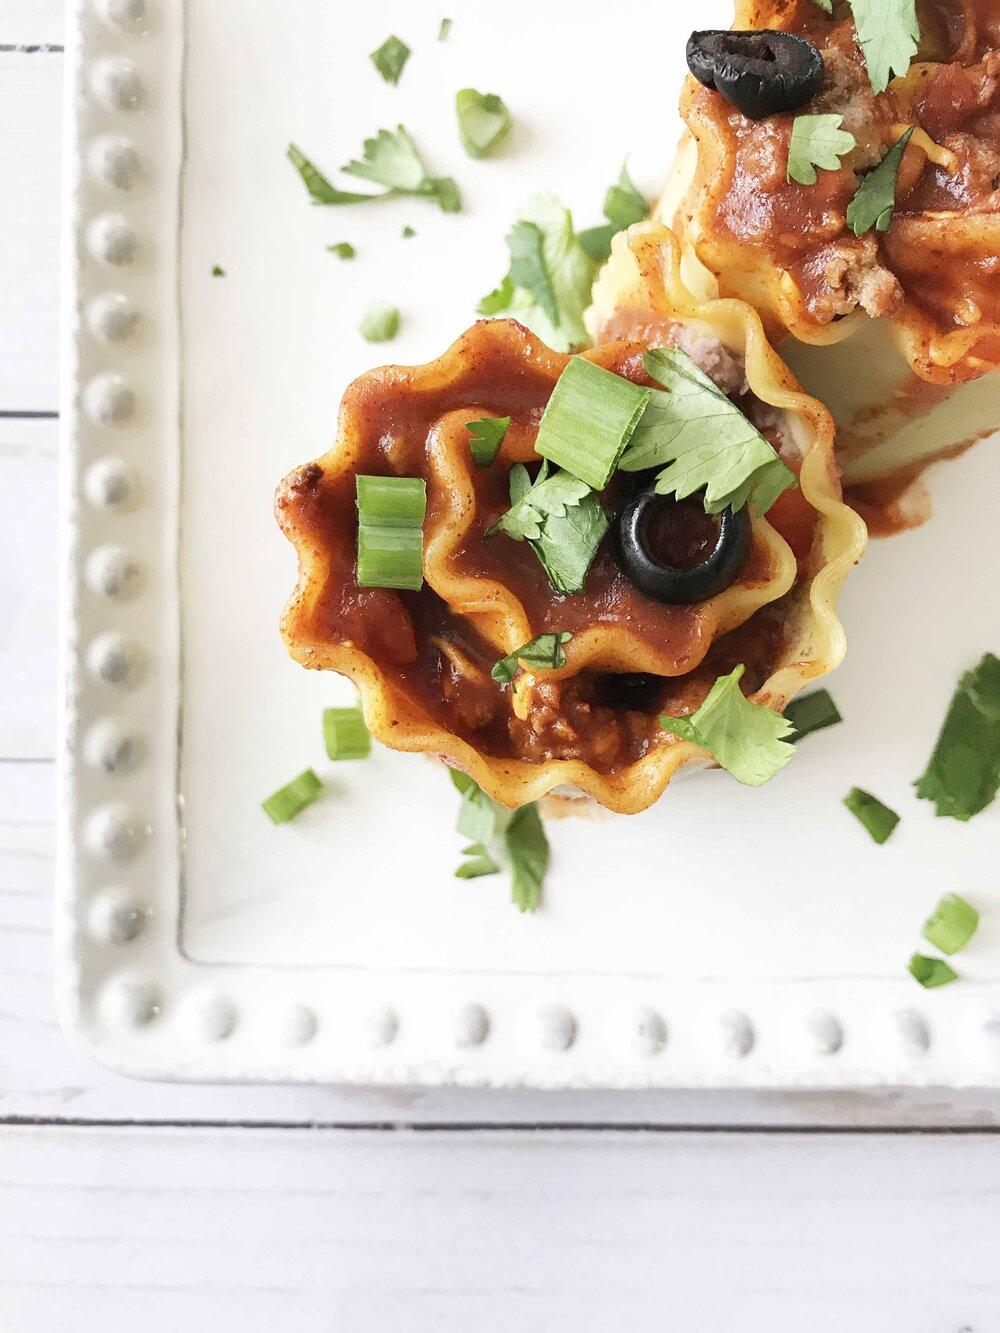 texmex-lasagna-rolls12.jpg